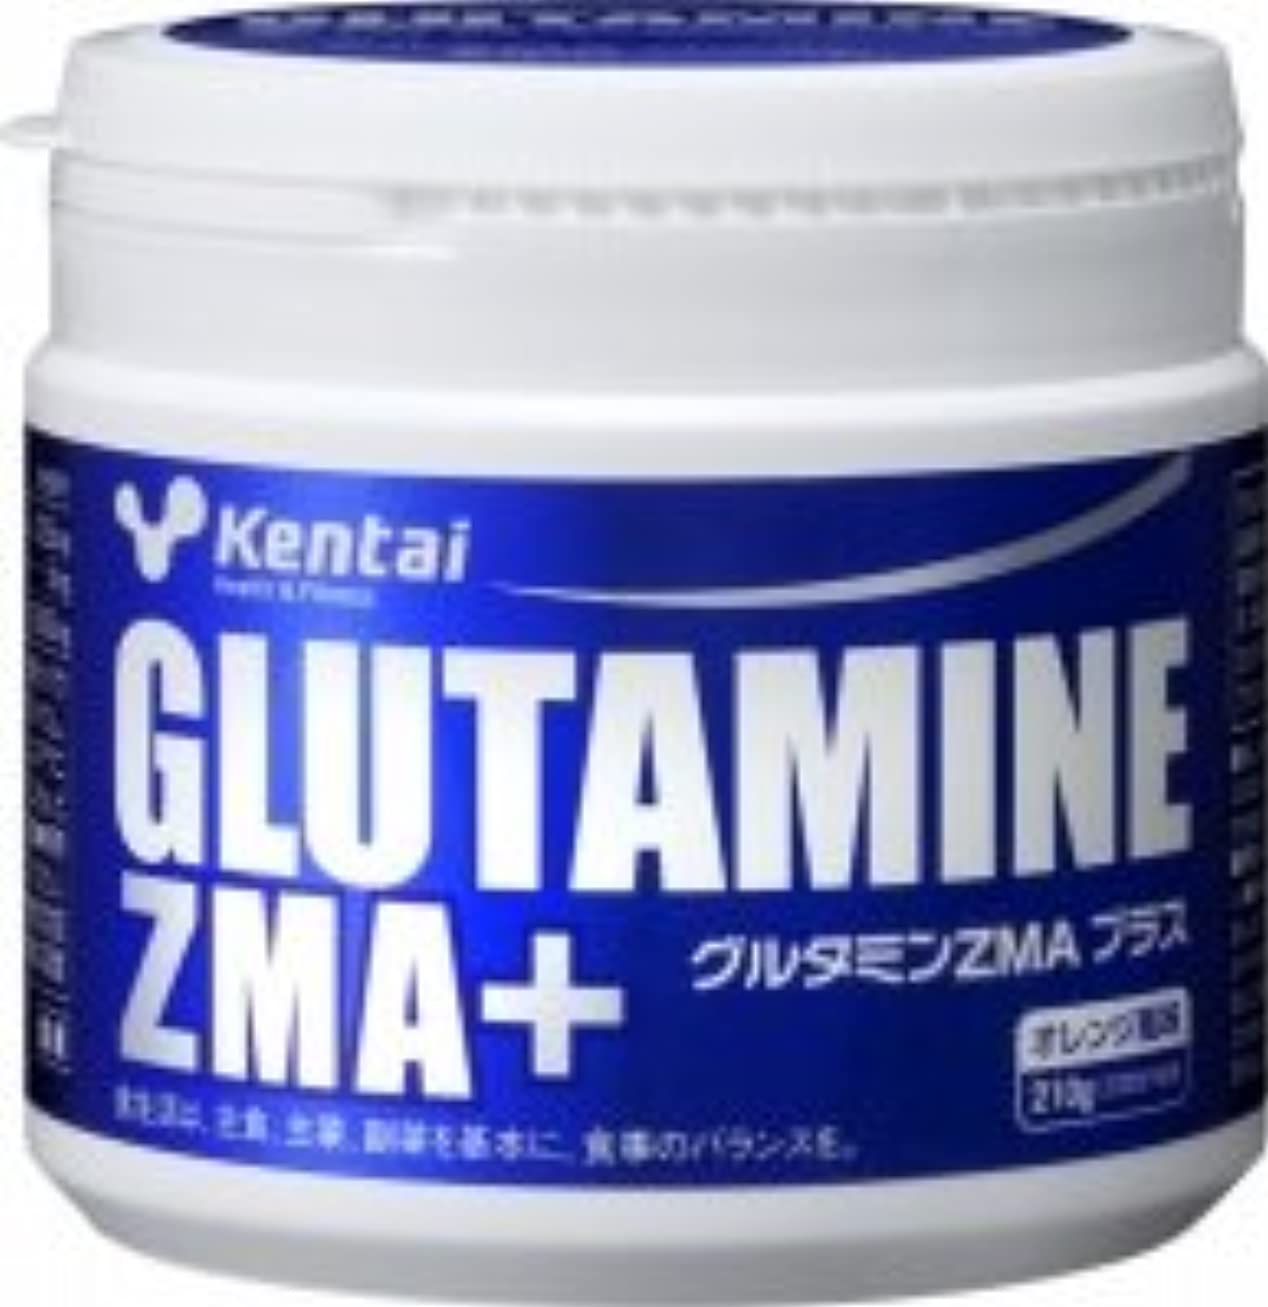 結び目彼ら飢饉【健康体力研究所 (Kentai)】 グルタミンZMAプラス 210g